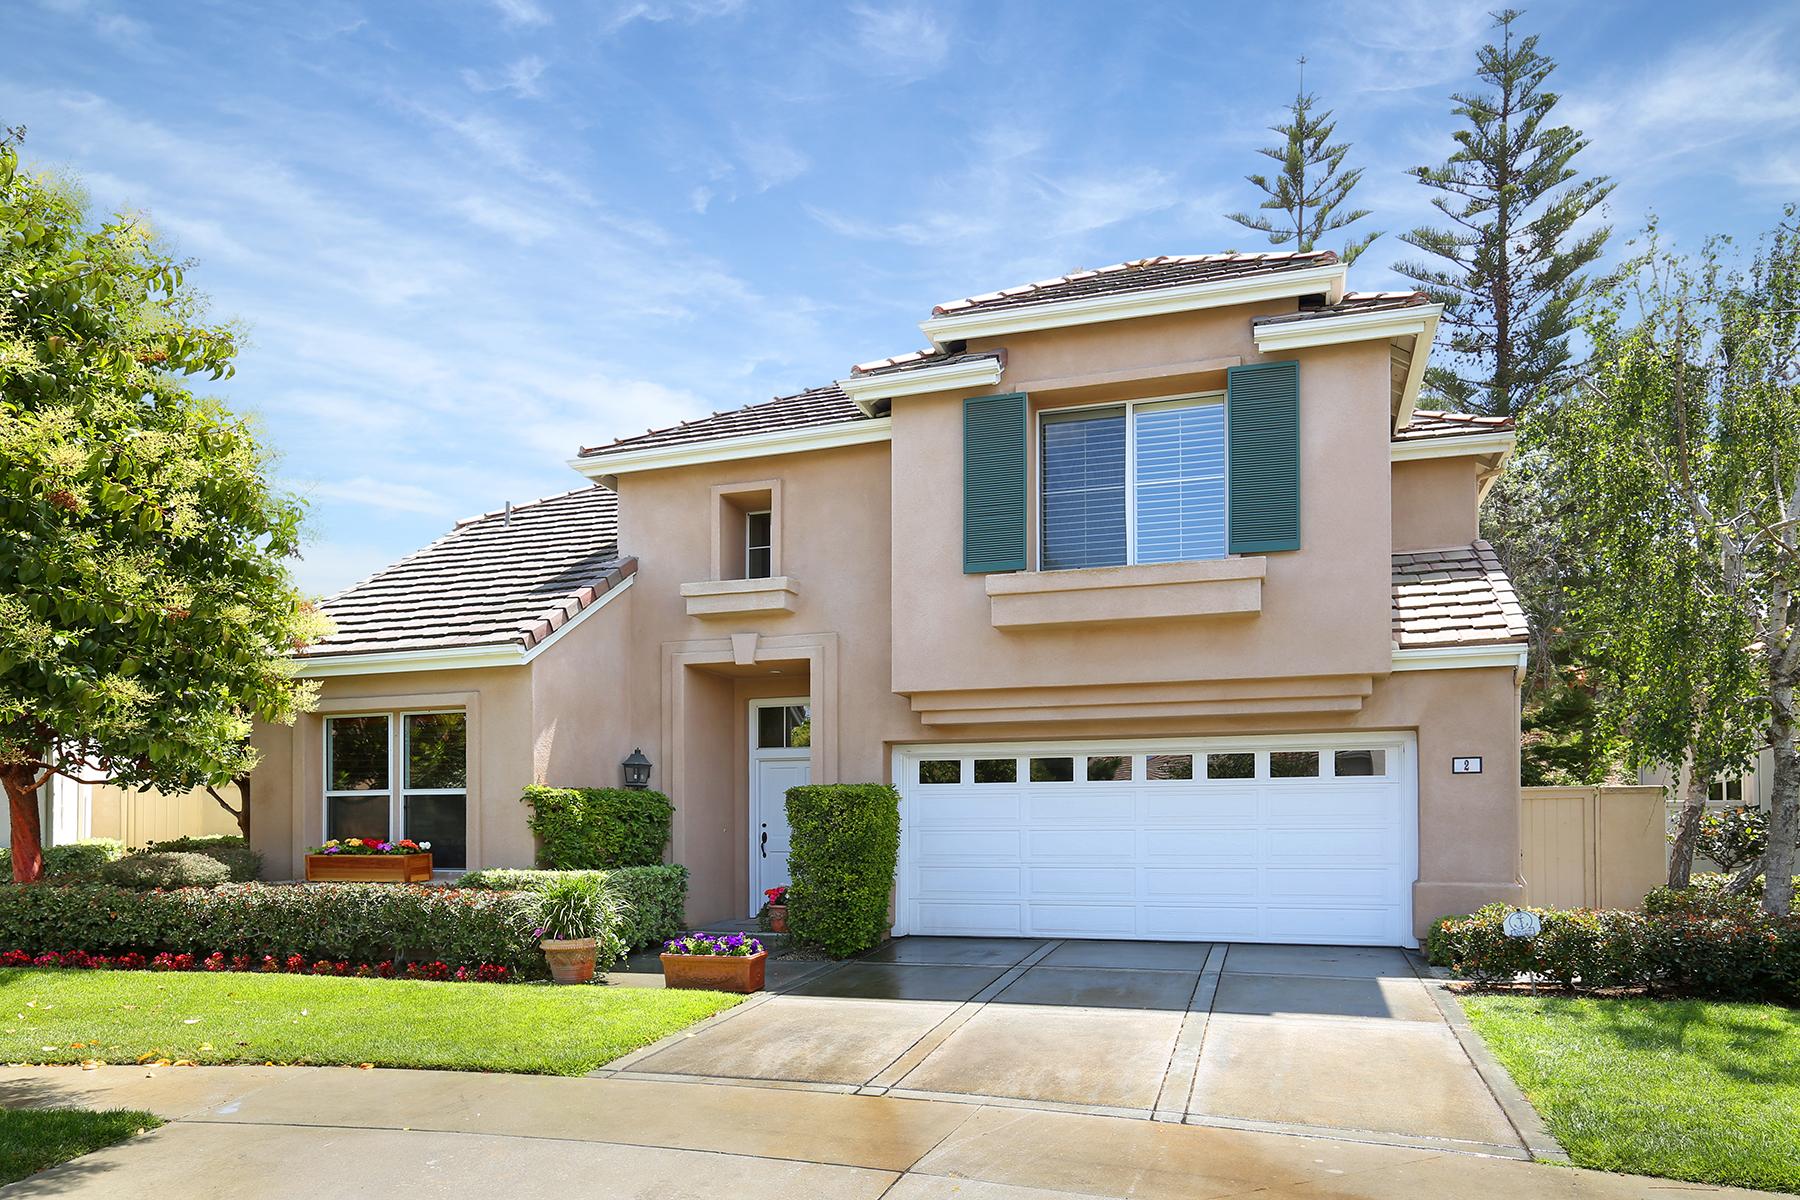 Einfamilienhaus für Verkauf beim 2 Montreaux Newport Coast, Kalifornien 92657 Vereinigte Staaten